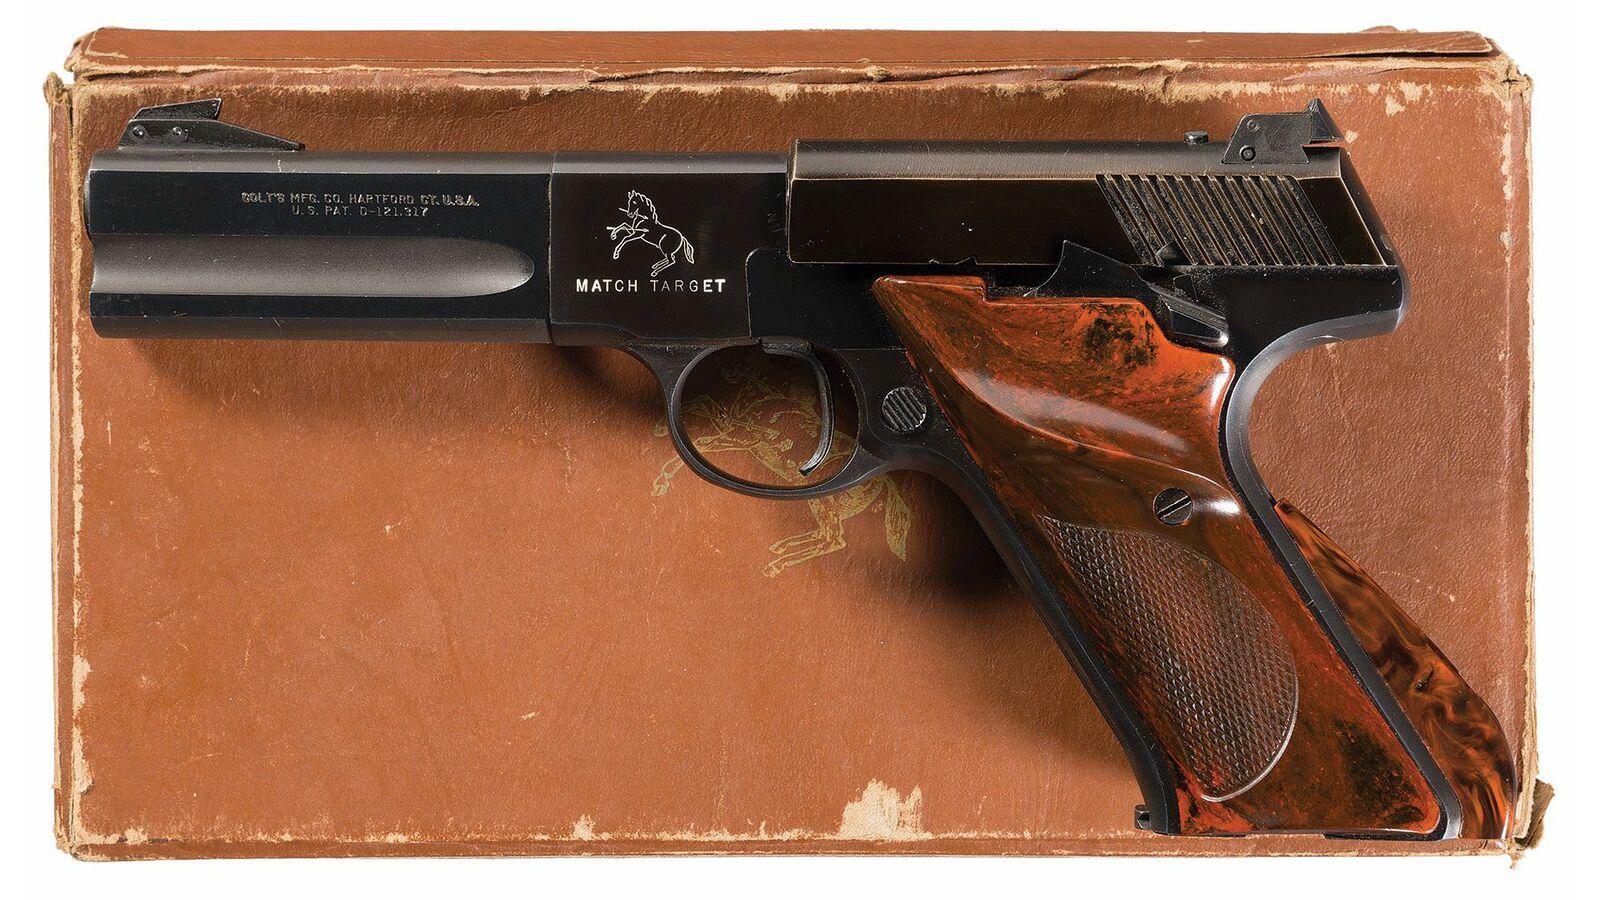 Colt Second Series Woodsman Match Target 22 Short Pistol, Box